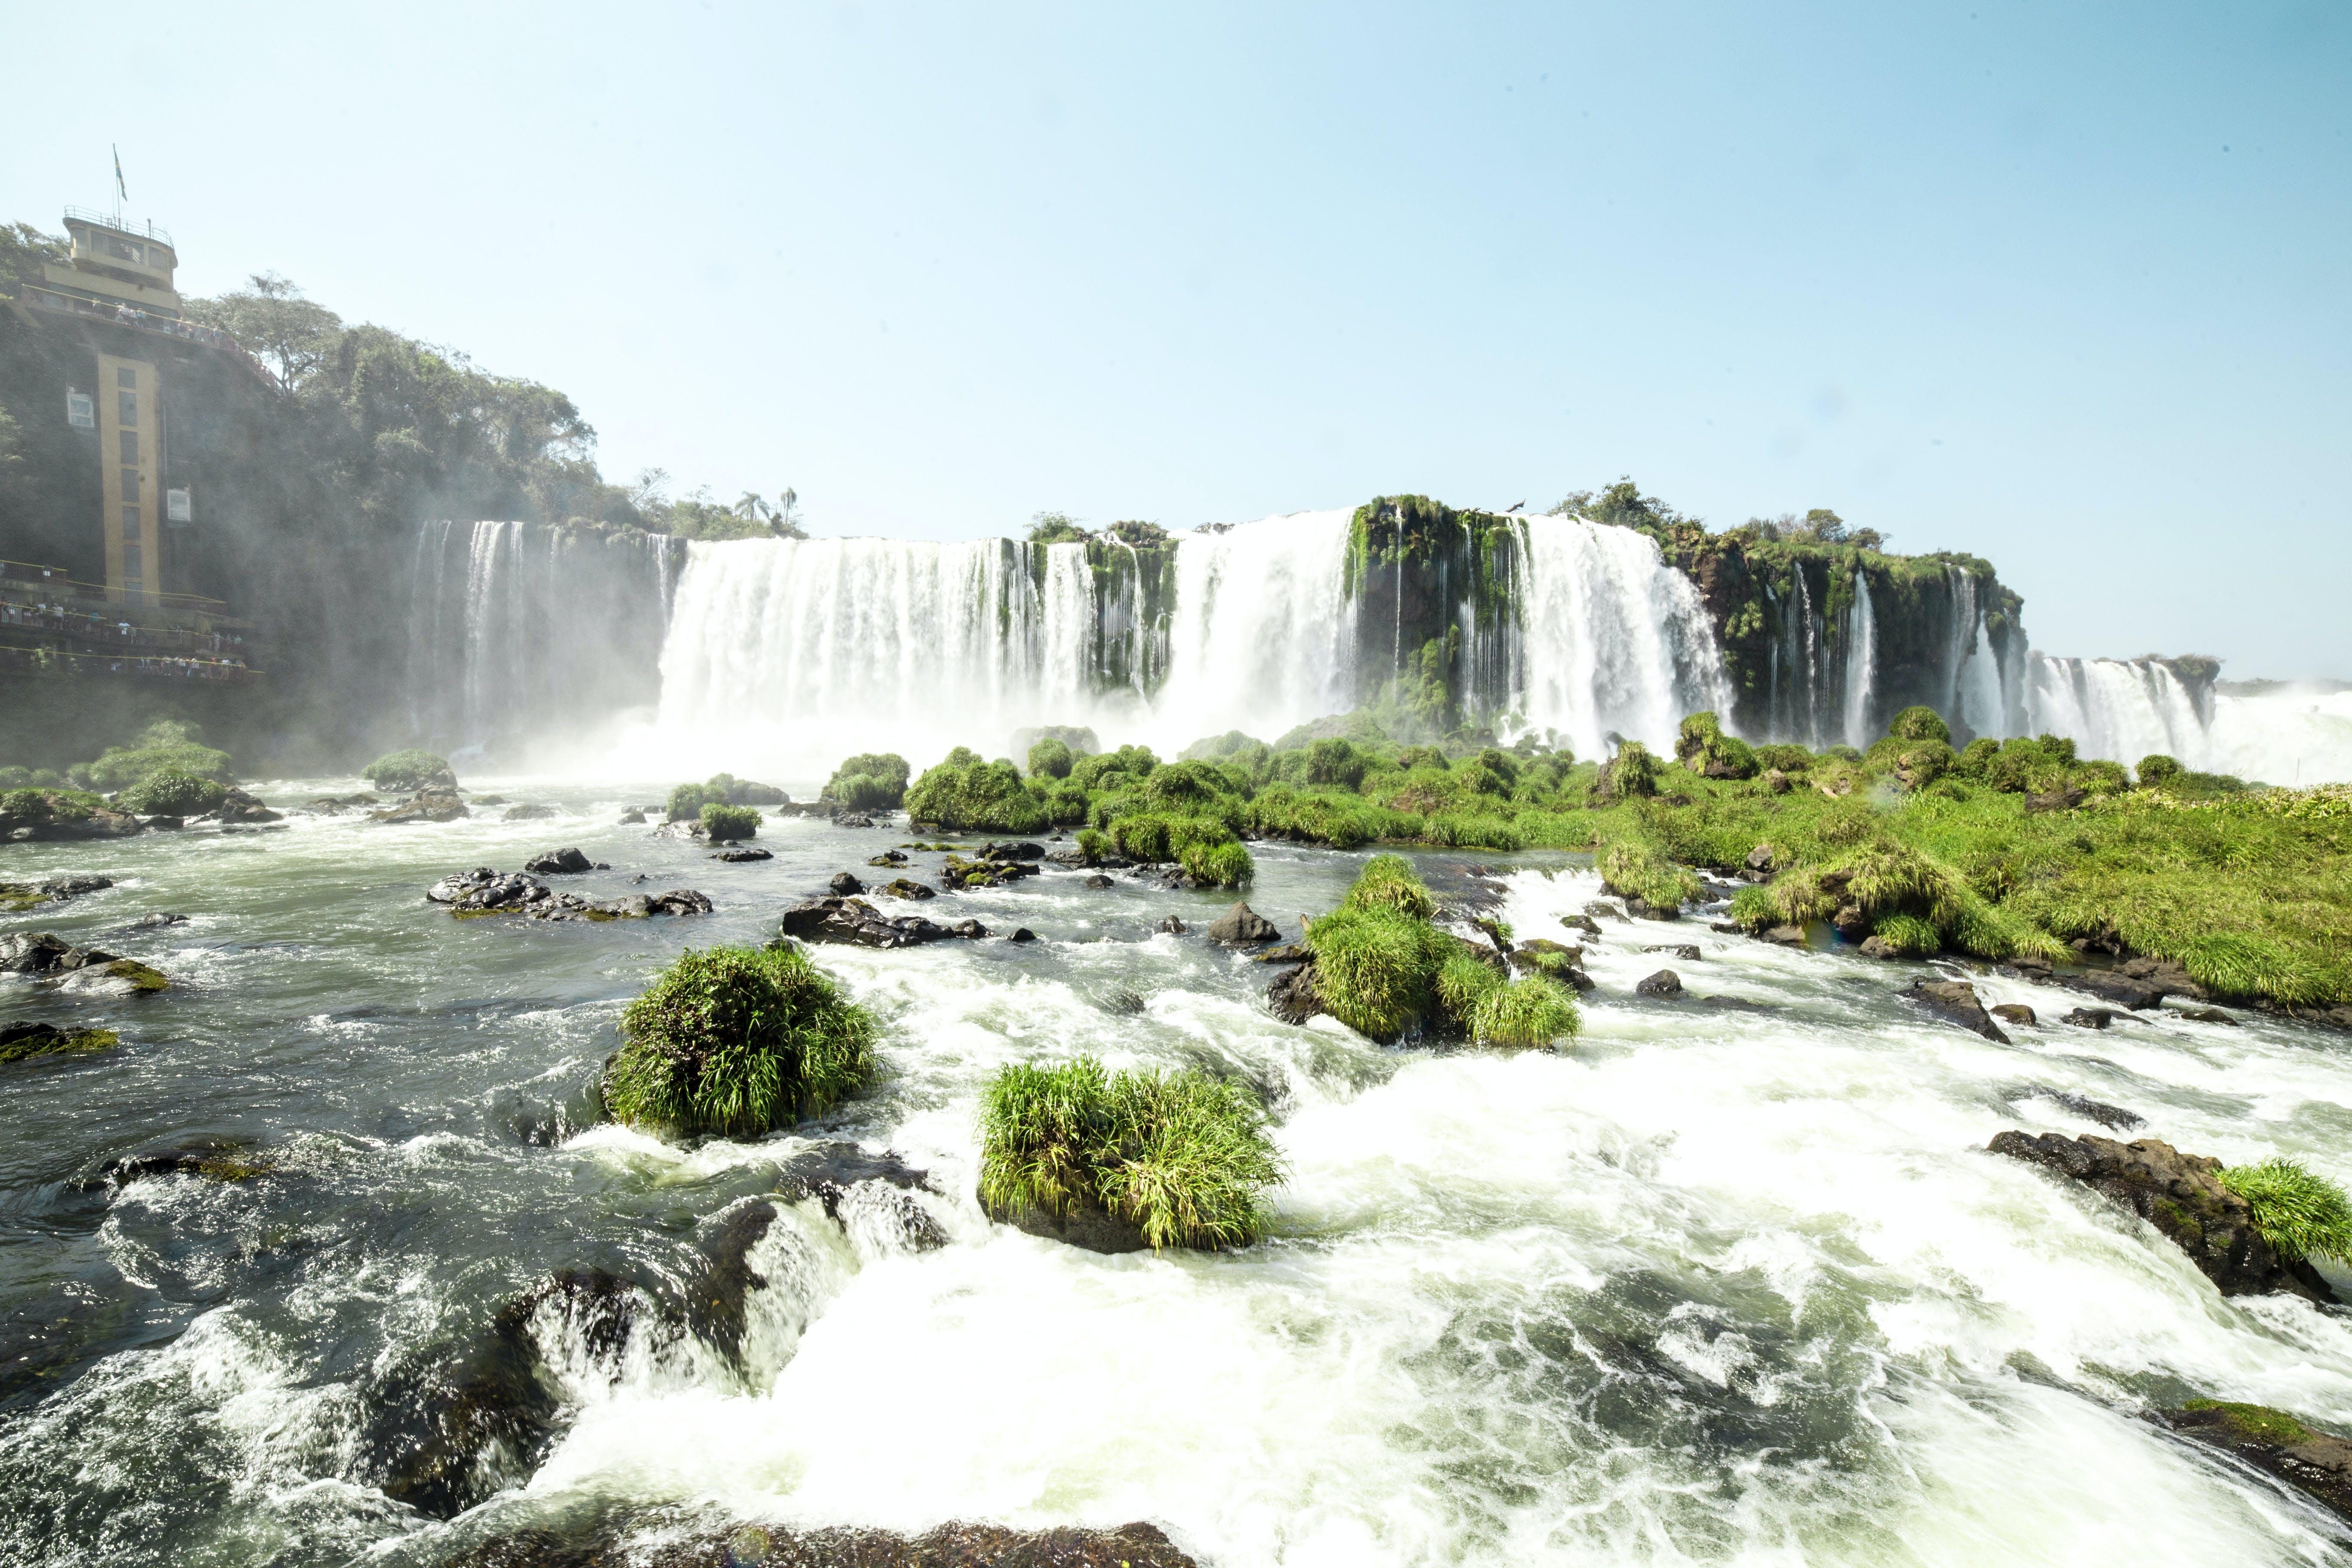 Immagine gratuita di acqua, ambiente, bagnato, bellissimo